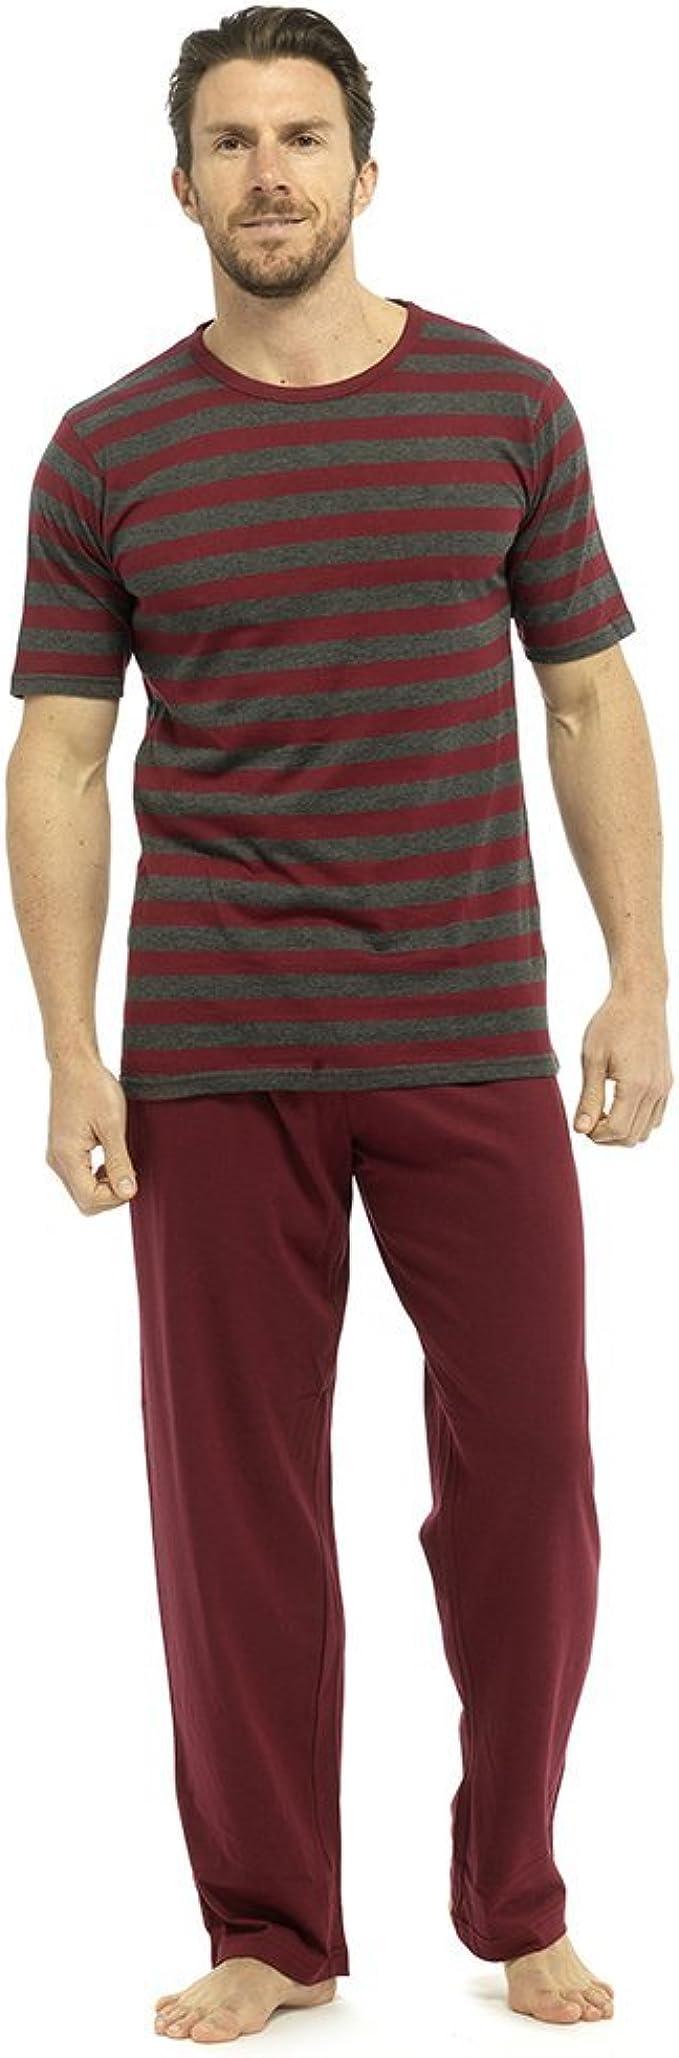 Conjunto de pijamas para hombre de manga corta y pantalones largos de verano 1 o 3 unidades